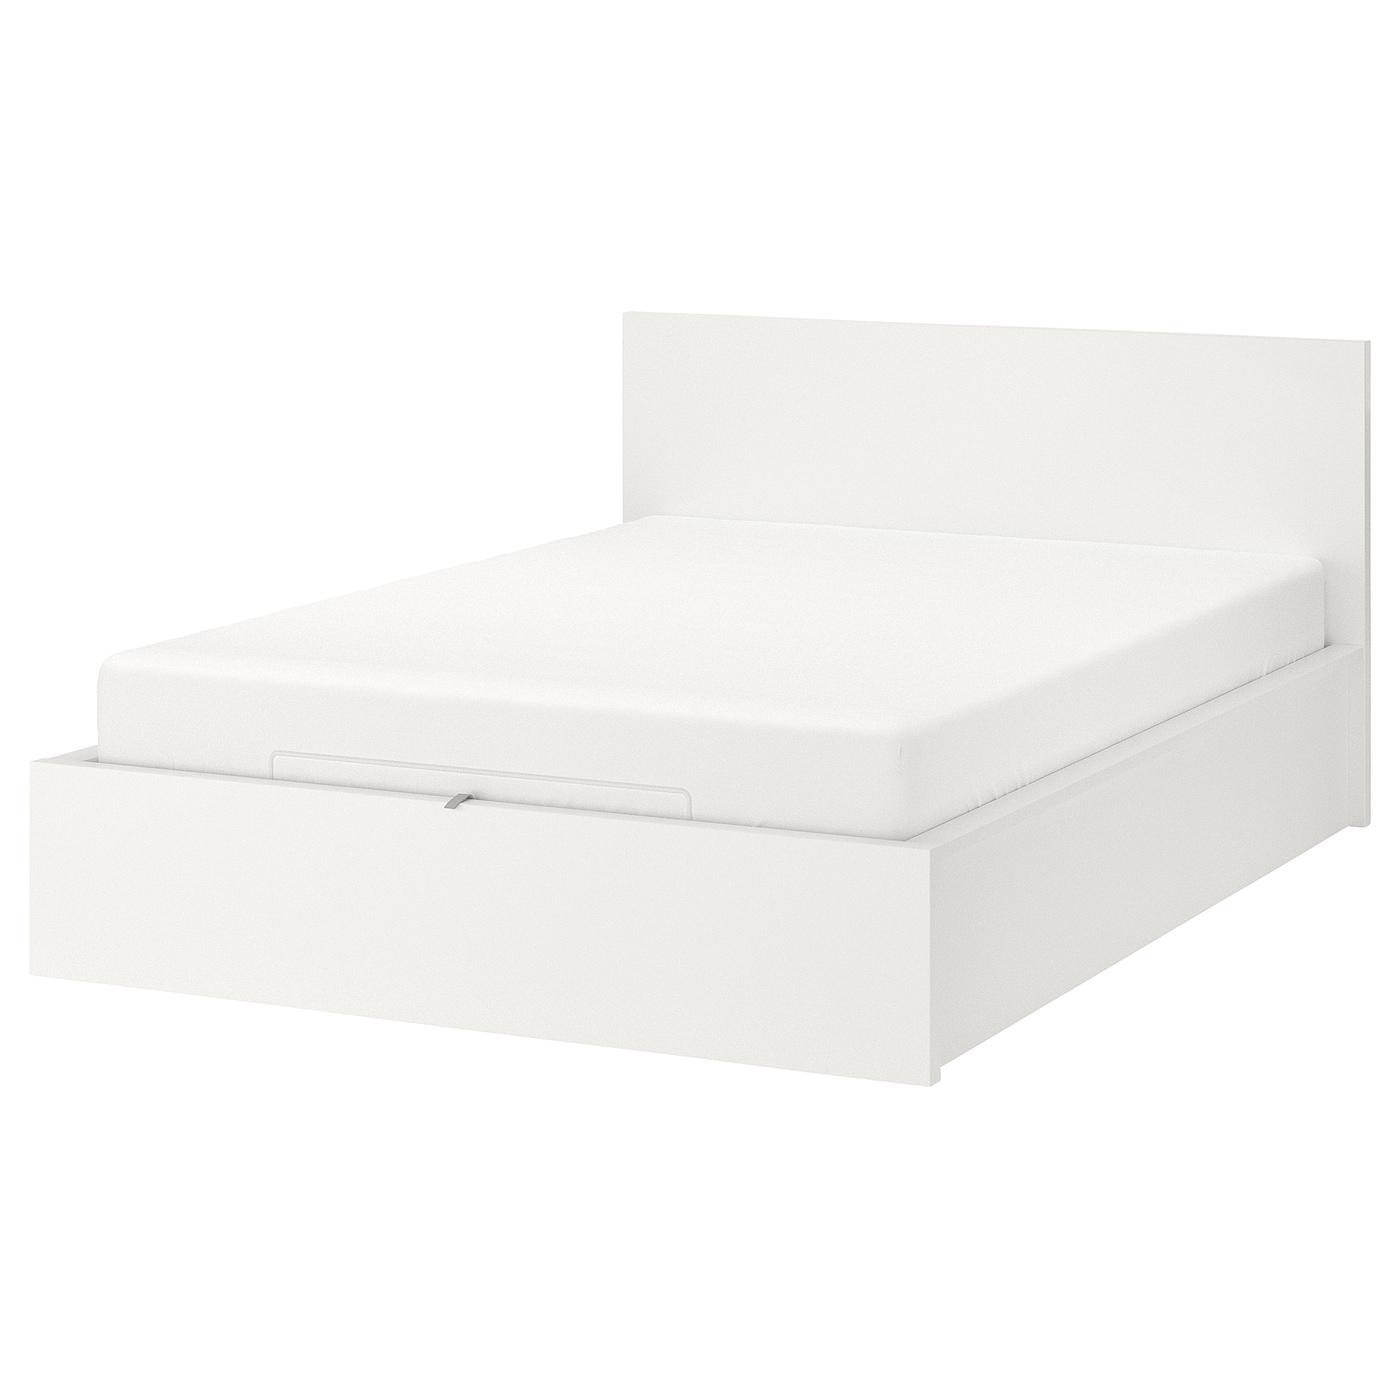 MALM МАЛЬМ Ліжко з підіймальним механізмом - білий 180x200 см